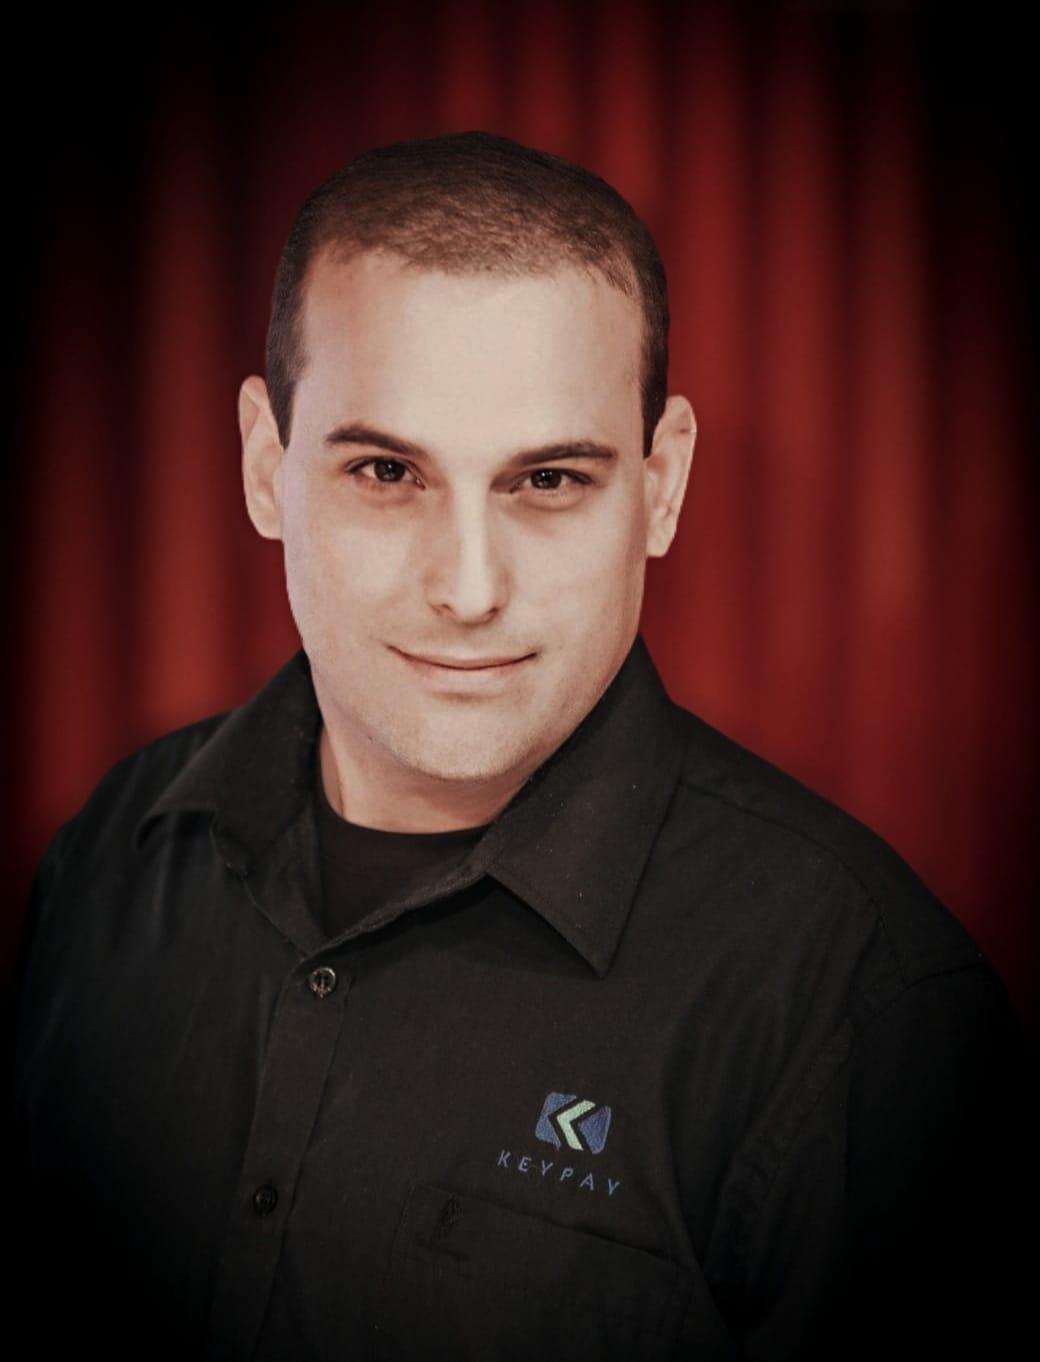 client_profile_image